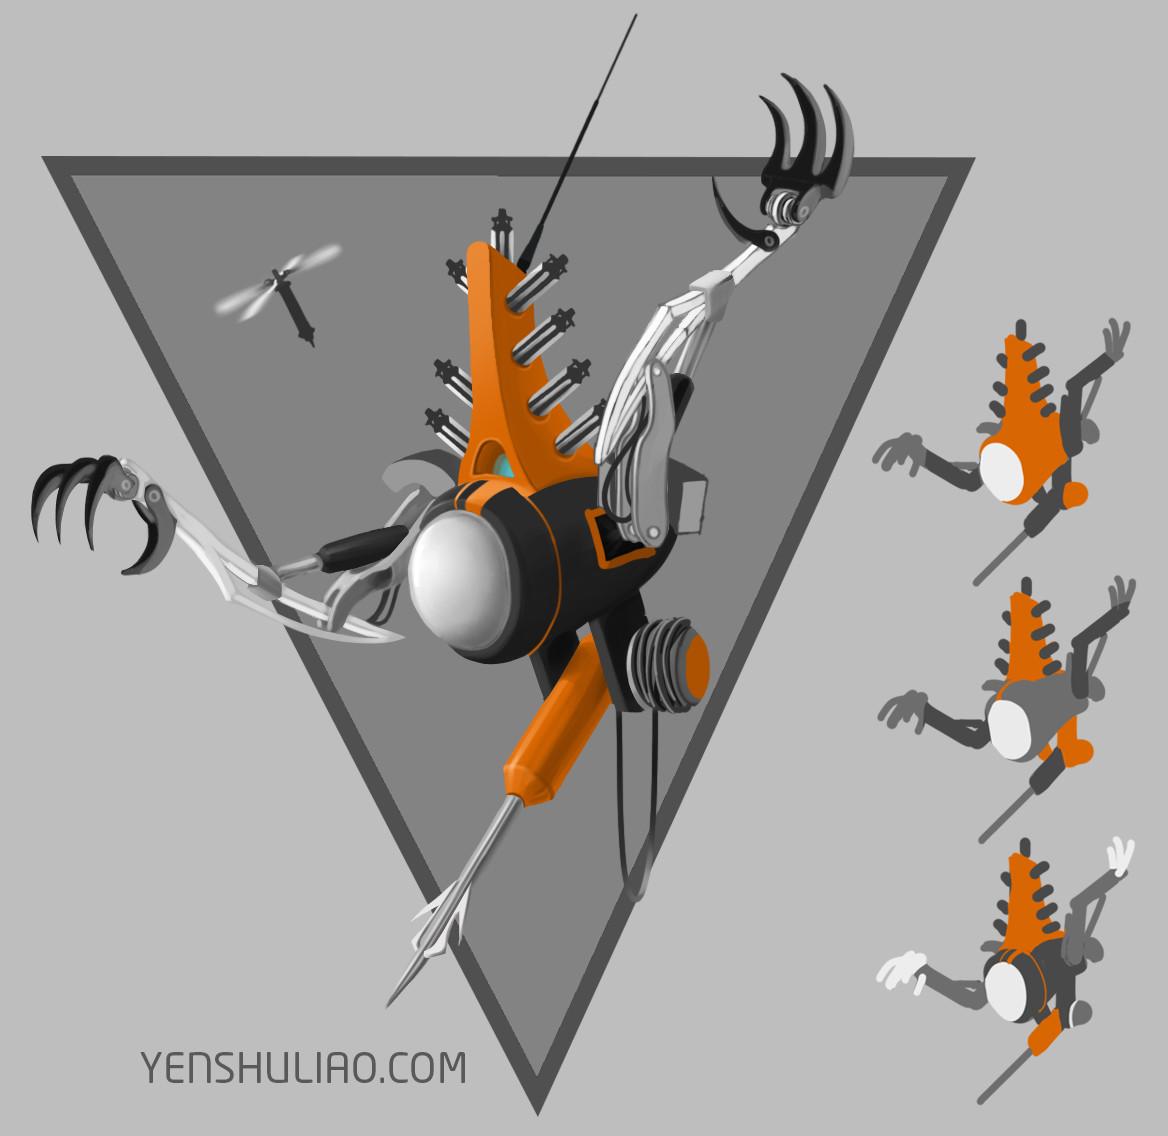 Yen shu liao mech robot concept art yenshuliao 04